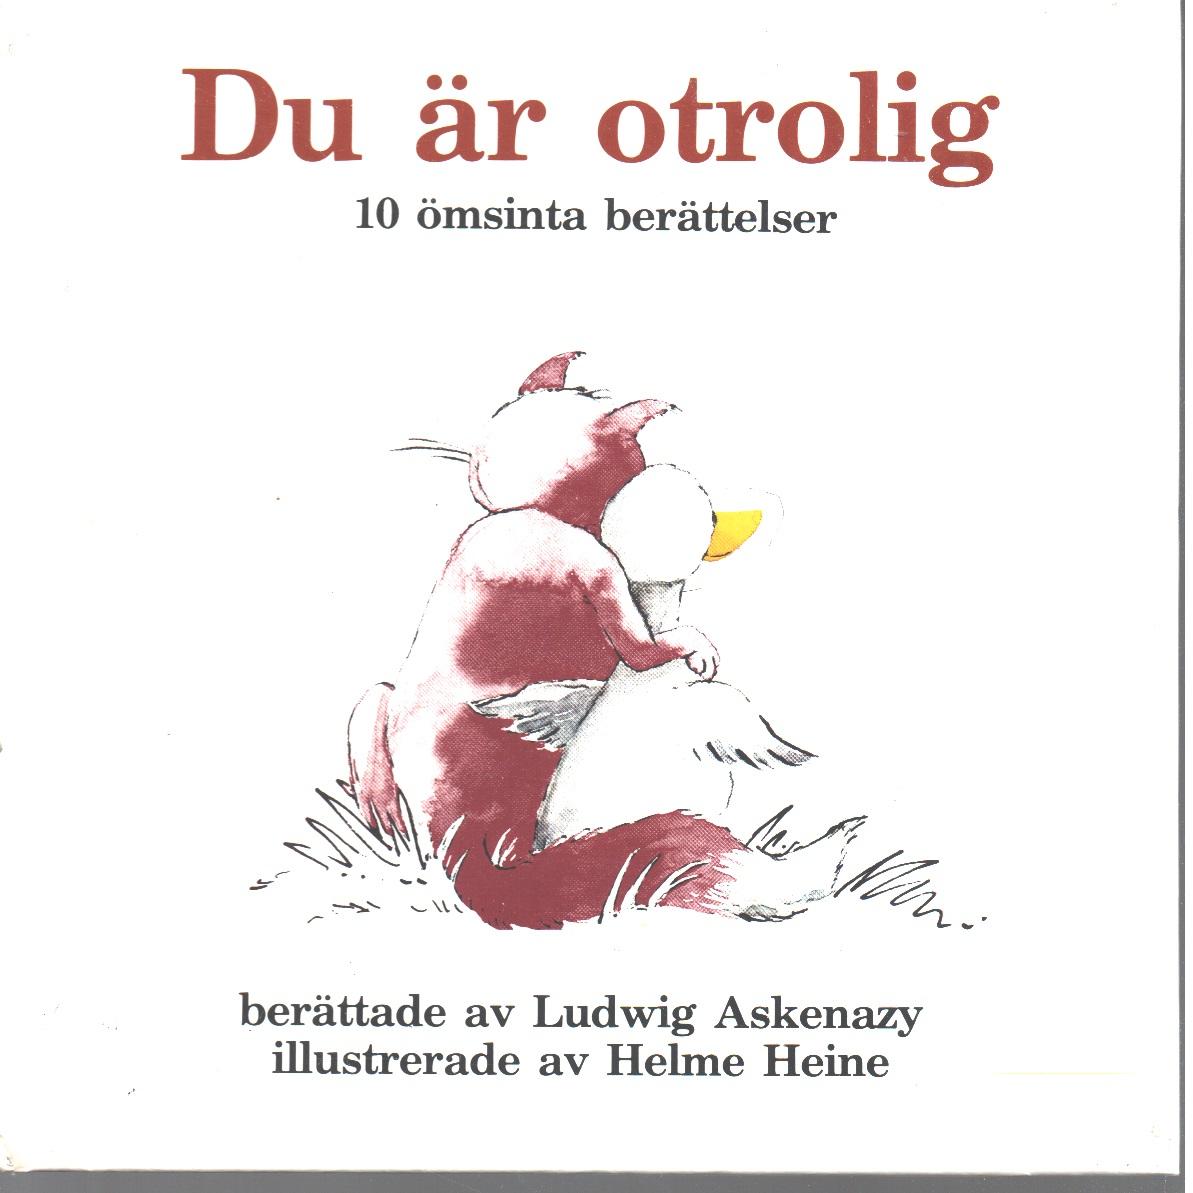 Du är otrolig : 10 ömsinta berättelser - As?kenazy, Ludvík och Heine, Helme